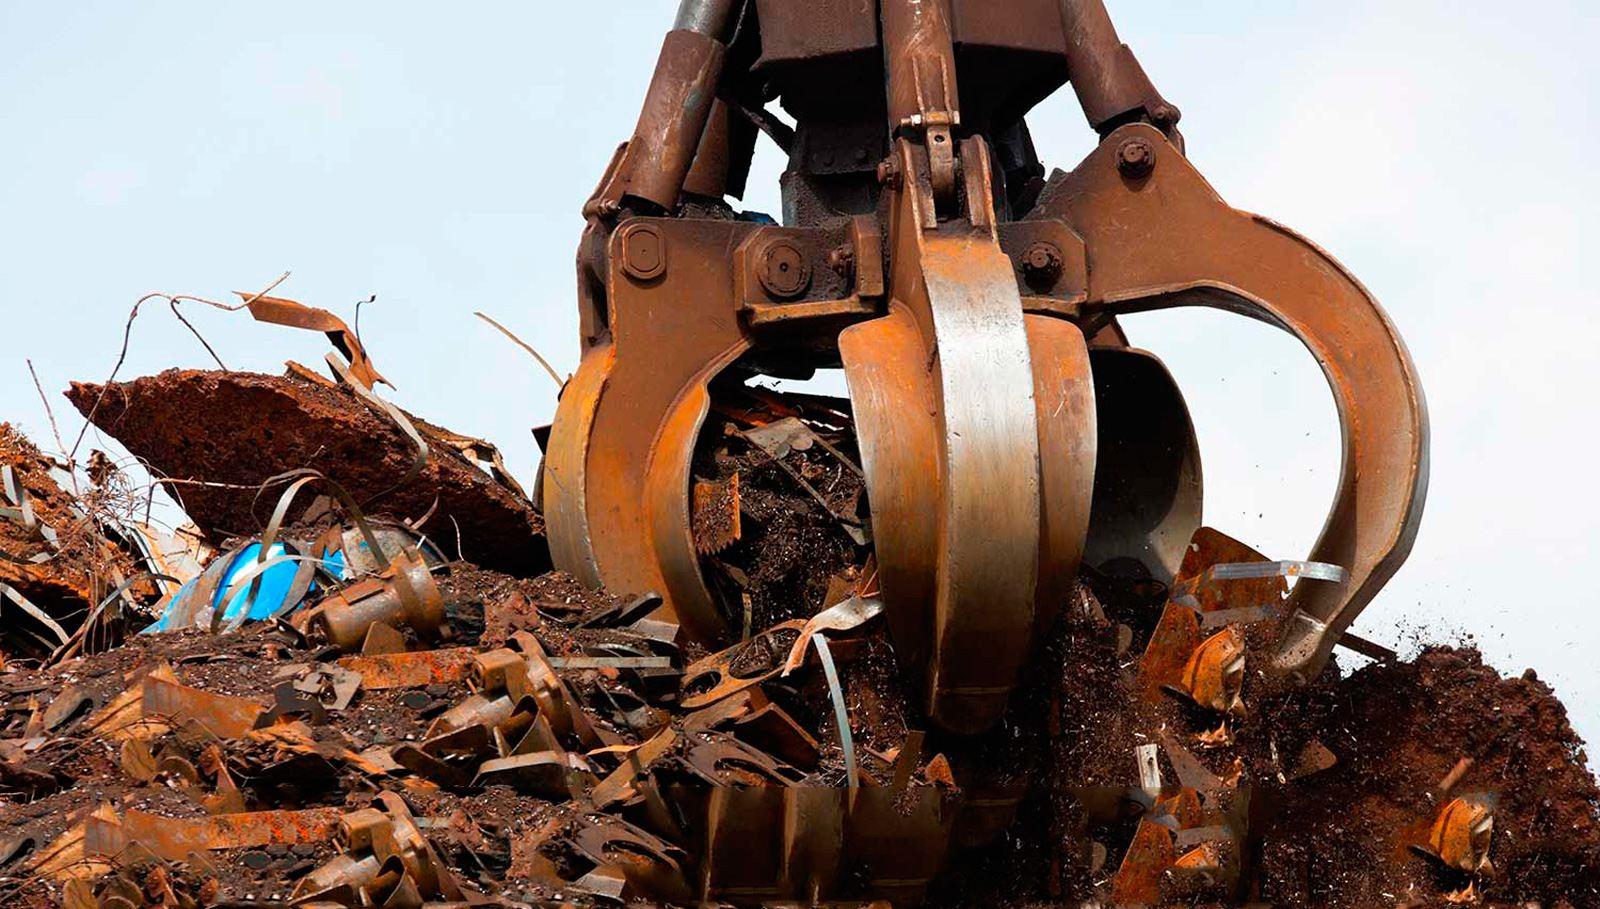 reciclaje de metales barcelona chatarrería